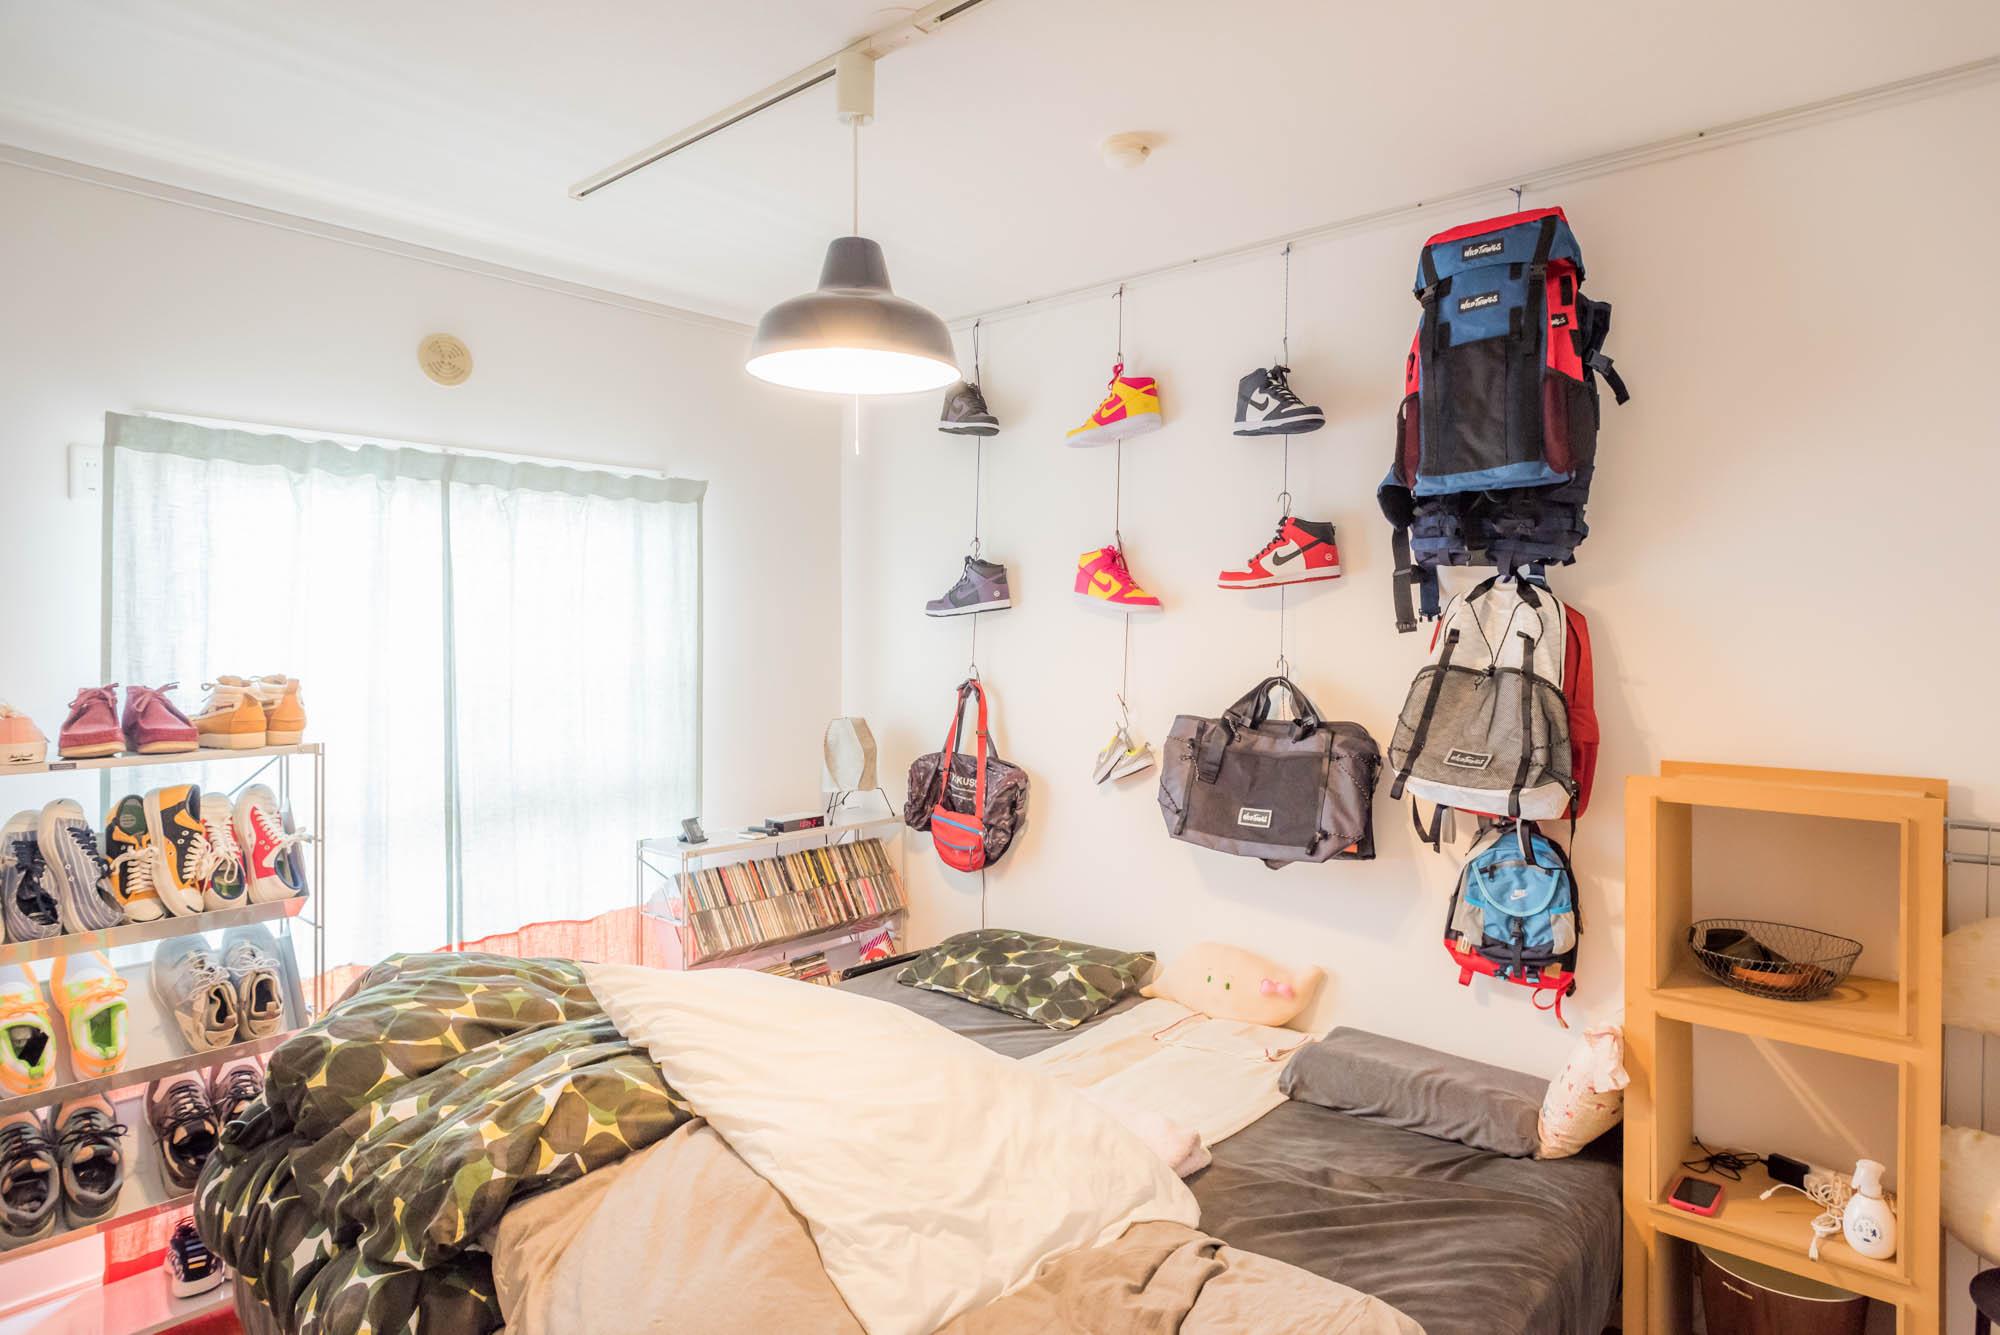 鞄デザイナーさんのたくさんのスニーカーやバッグのコレクション。思い切って寝室の壁に飾りました。利用しているのは元々ついていたピクチャーレール。こんな使い方もあるんですね。(このお部屋はこちら)